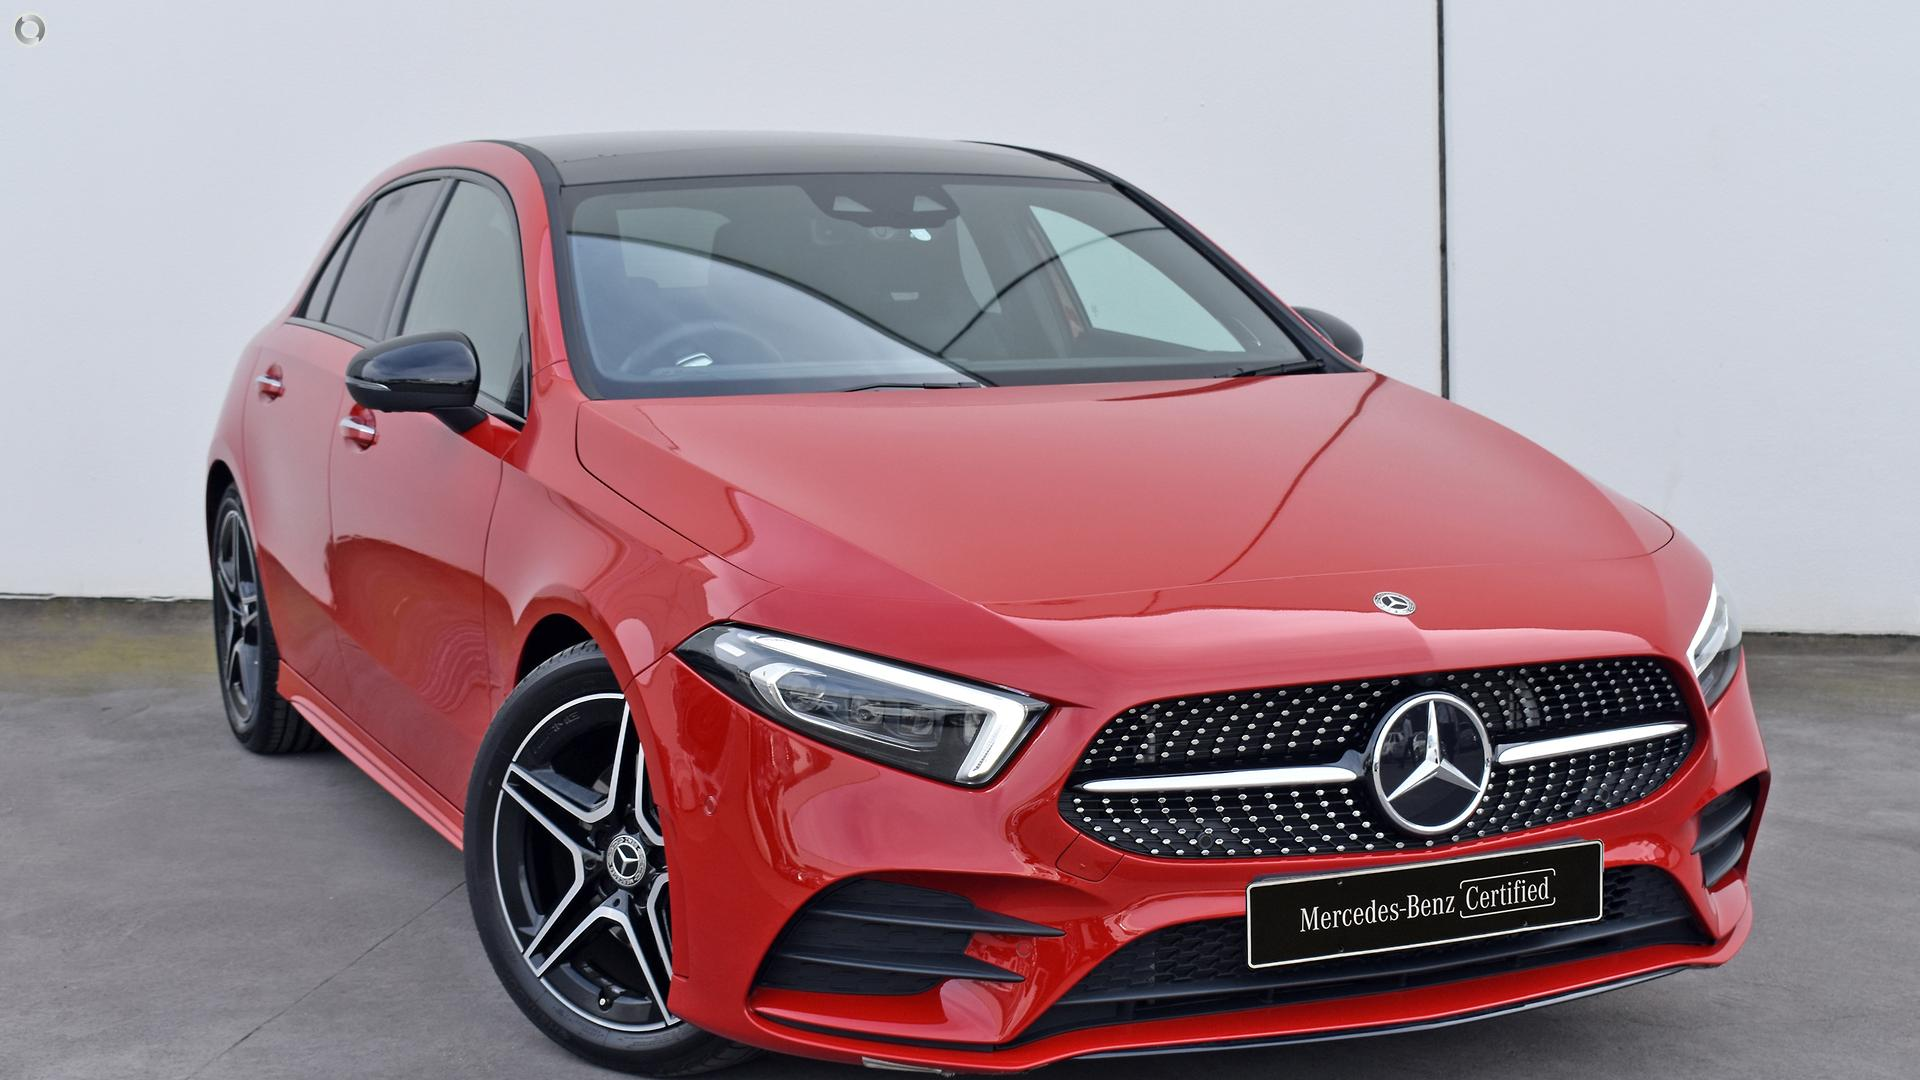 2018 Mercedes-Benz A 180 Hatch